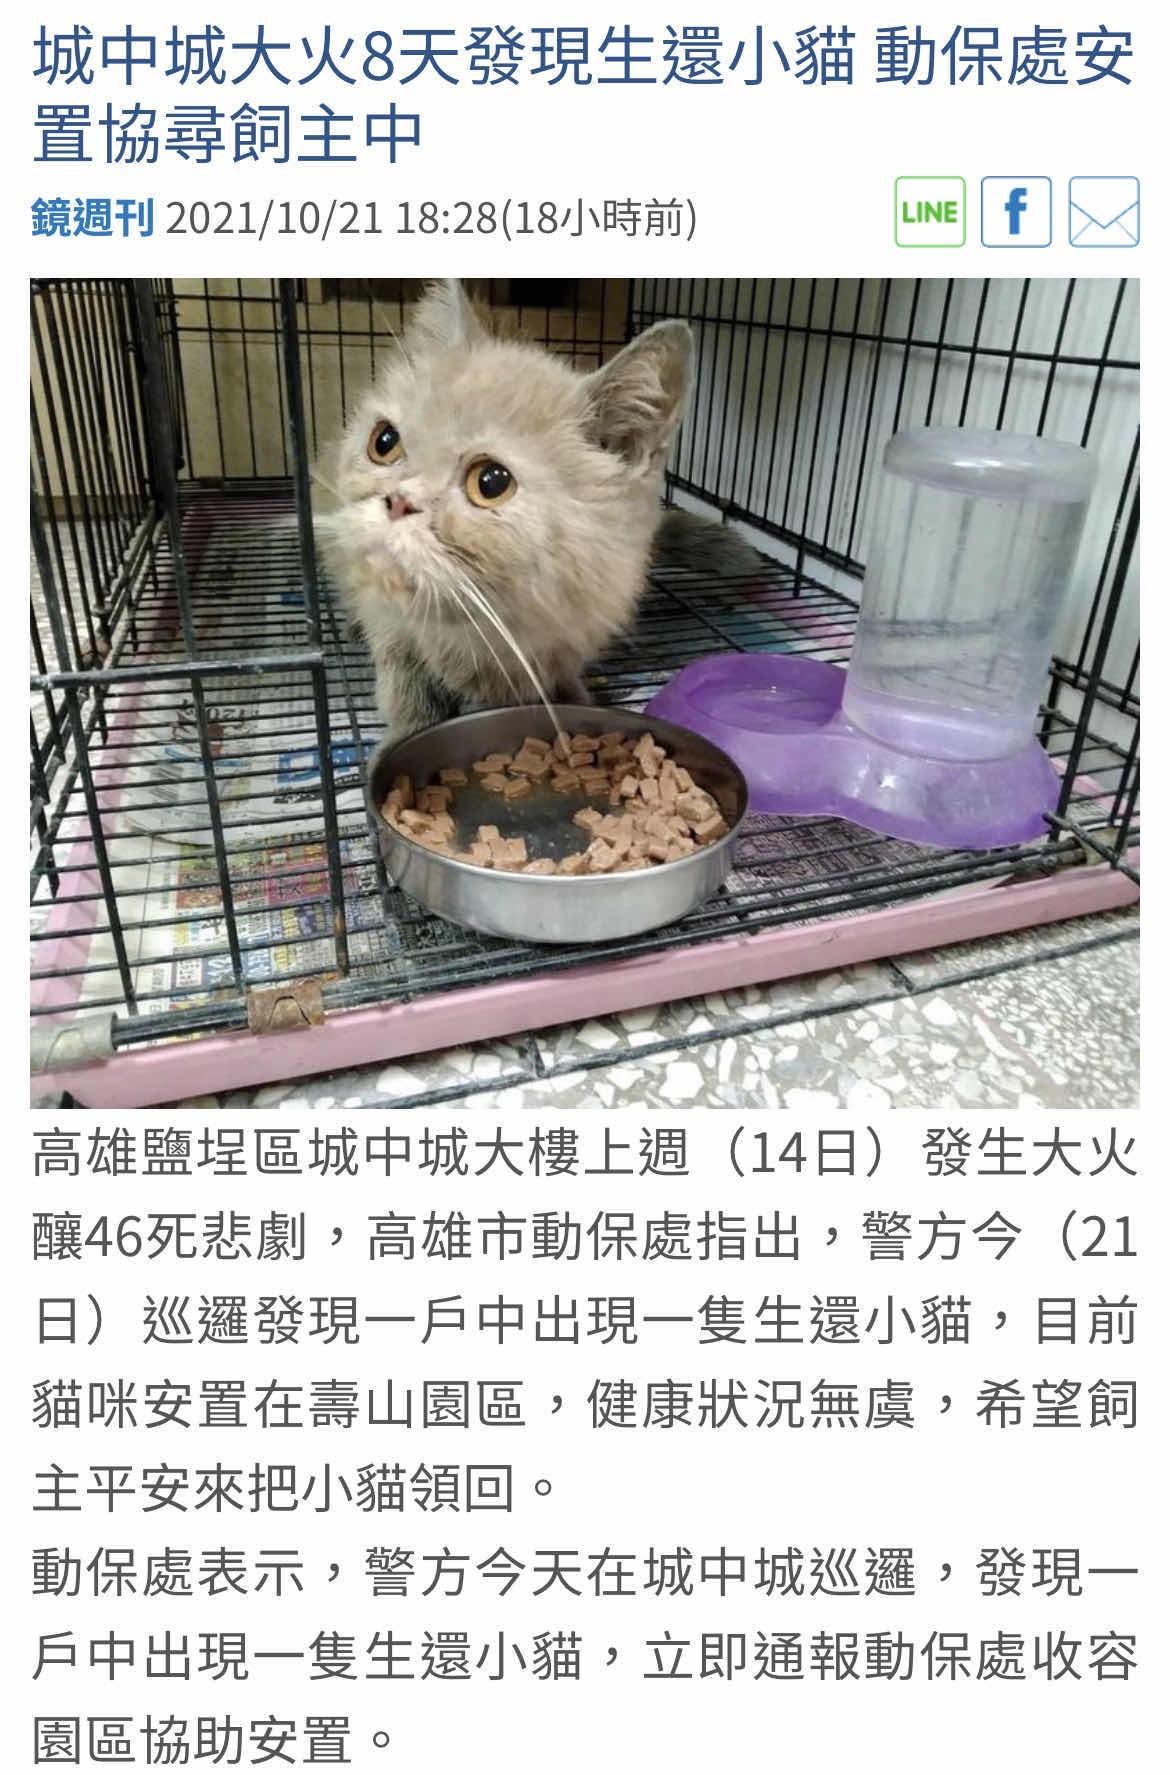 [正妹] 城中城救出貓咪的社工